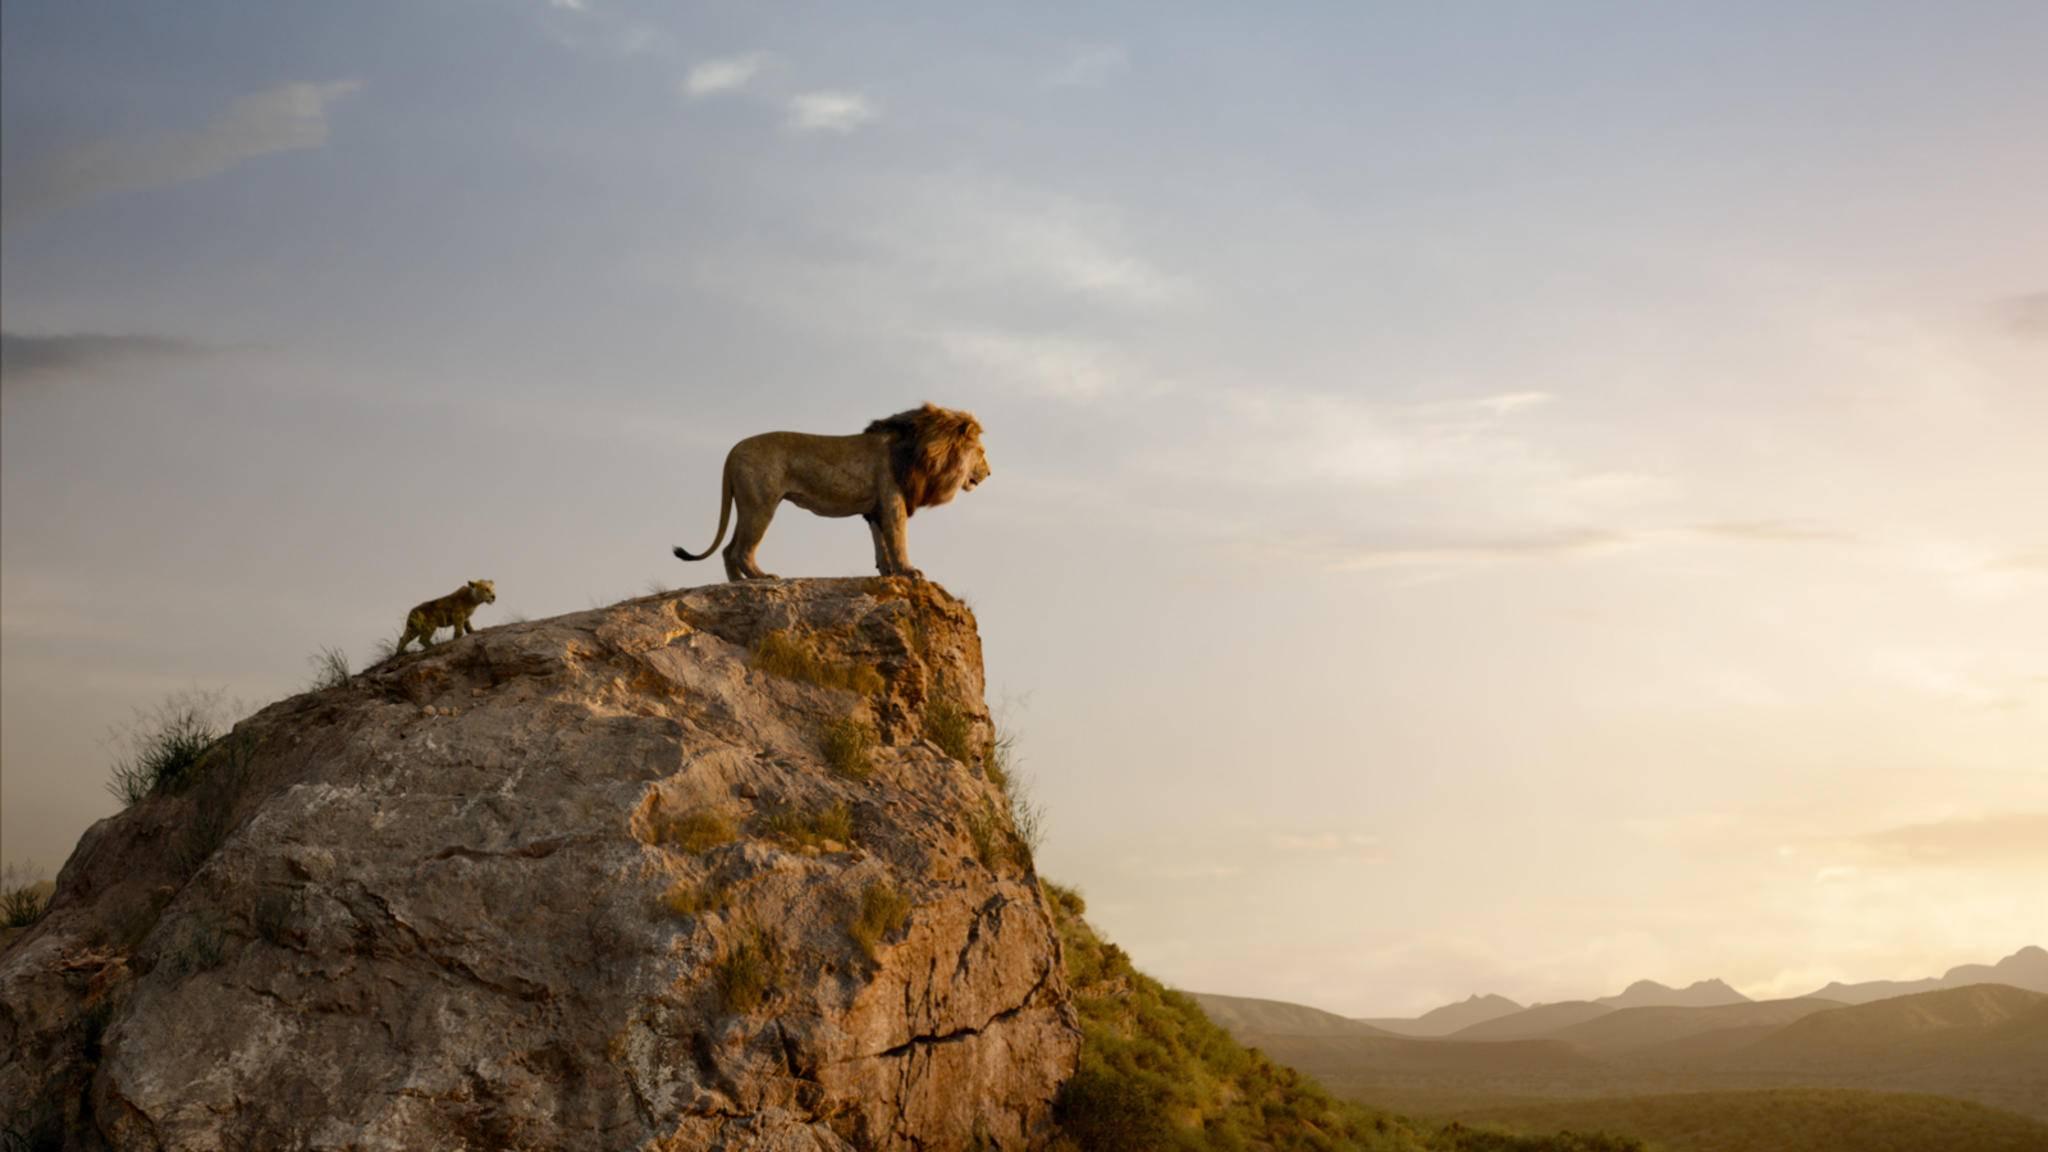 """Fast alles sieht in """"König der Löwen"""" lebensecht aus. Doch ist es das auch?"""